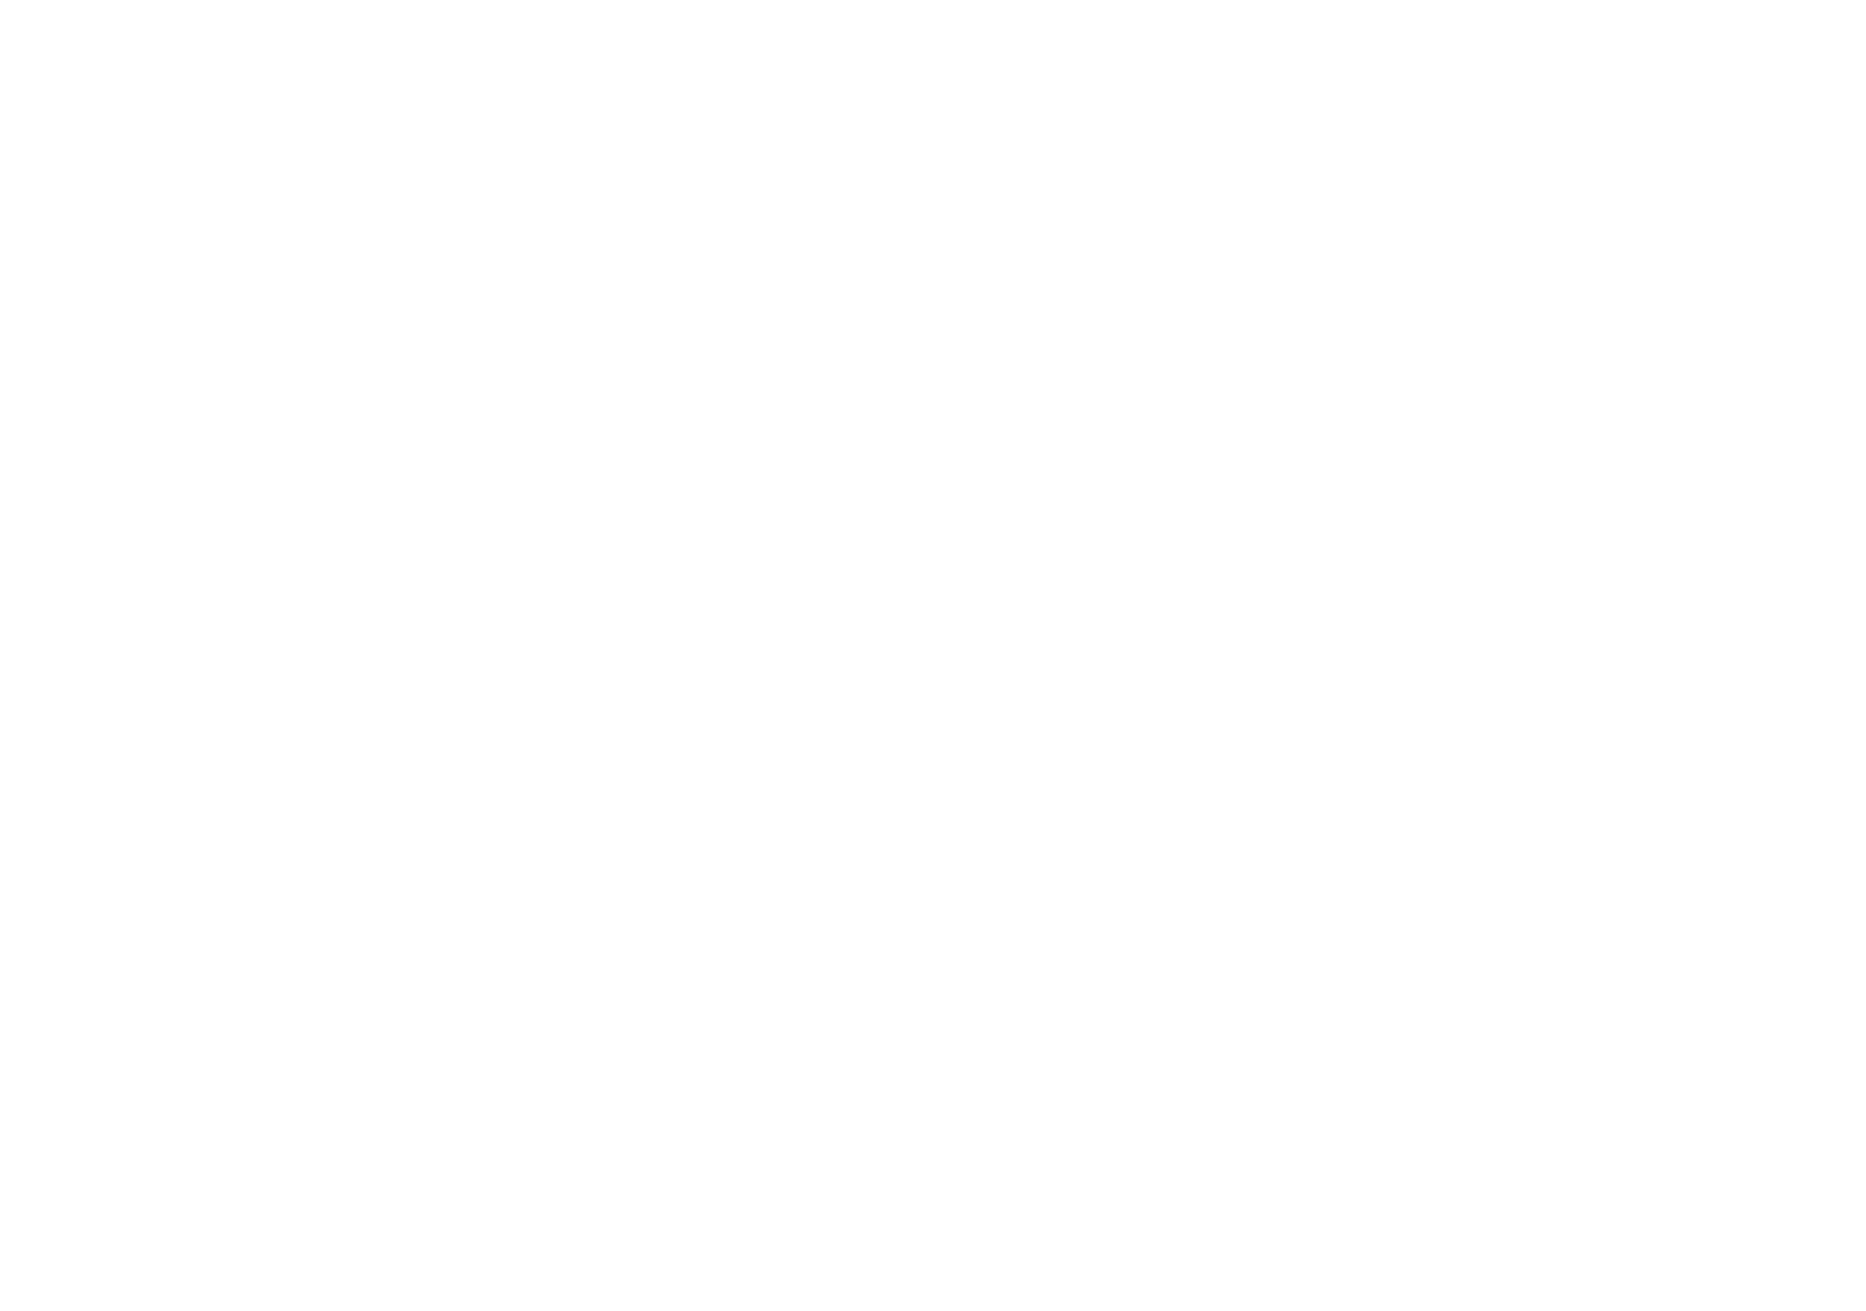 Belstaff_v01 White.png